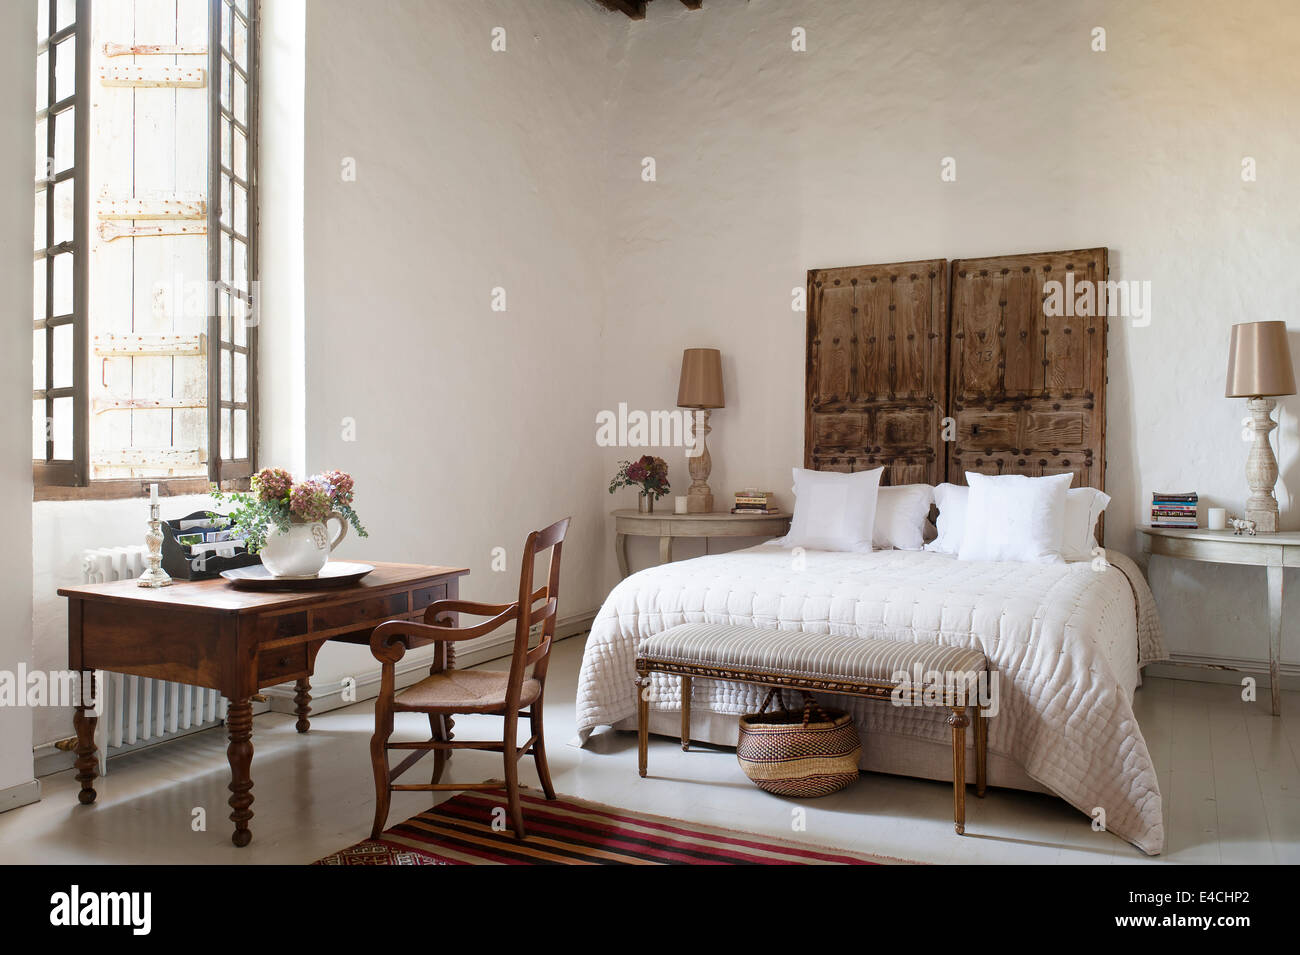 paar bers t von alten t ren hinter bett im schlafzimmer wei mit h lzernen schreibtisch. Black Bedroom Furniture Sets. Home Design Ideas